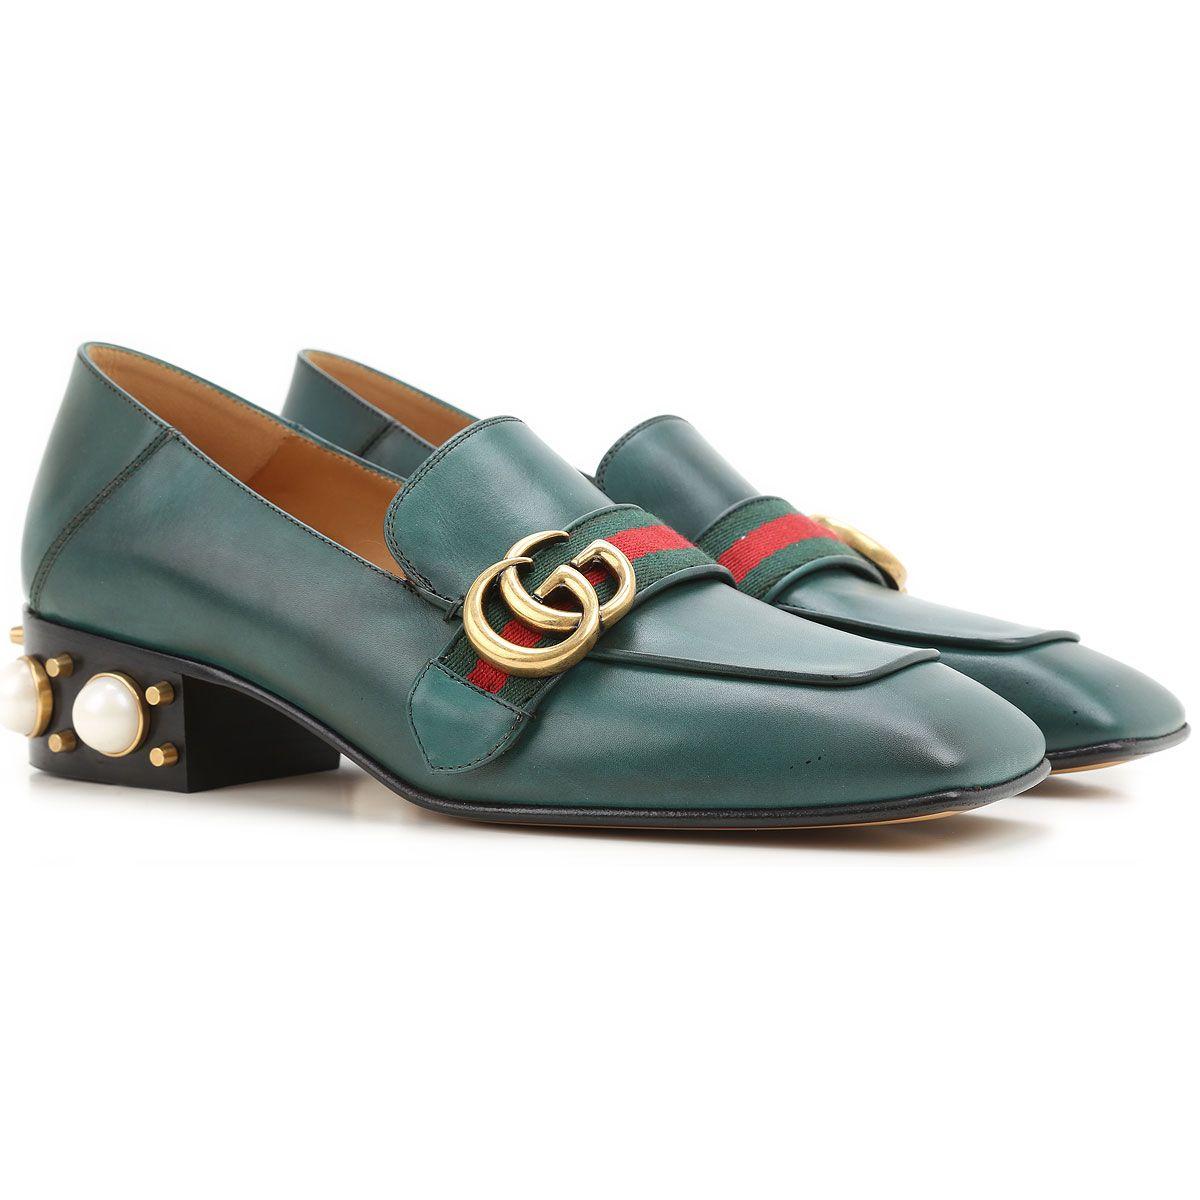 ce2b25b007 Sapatos Femininos Gucci Nova Coleção. Botas